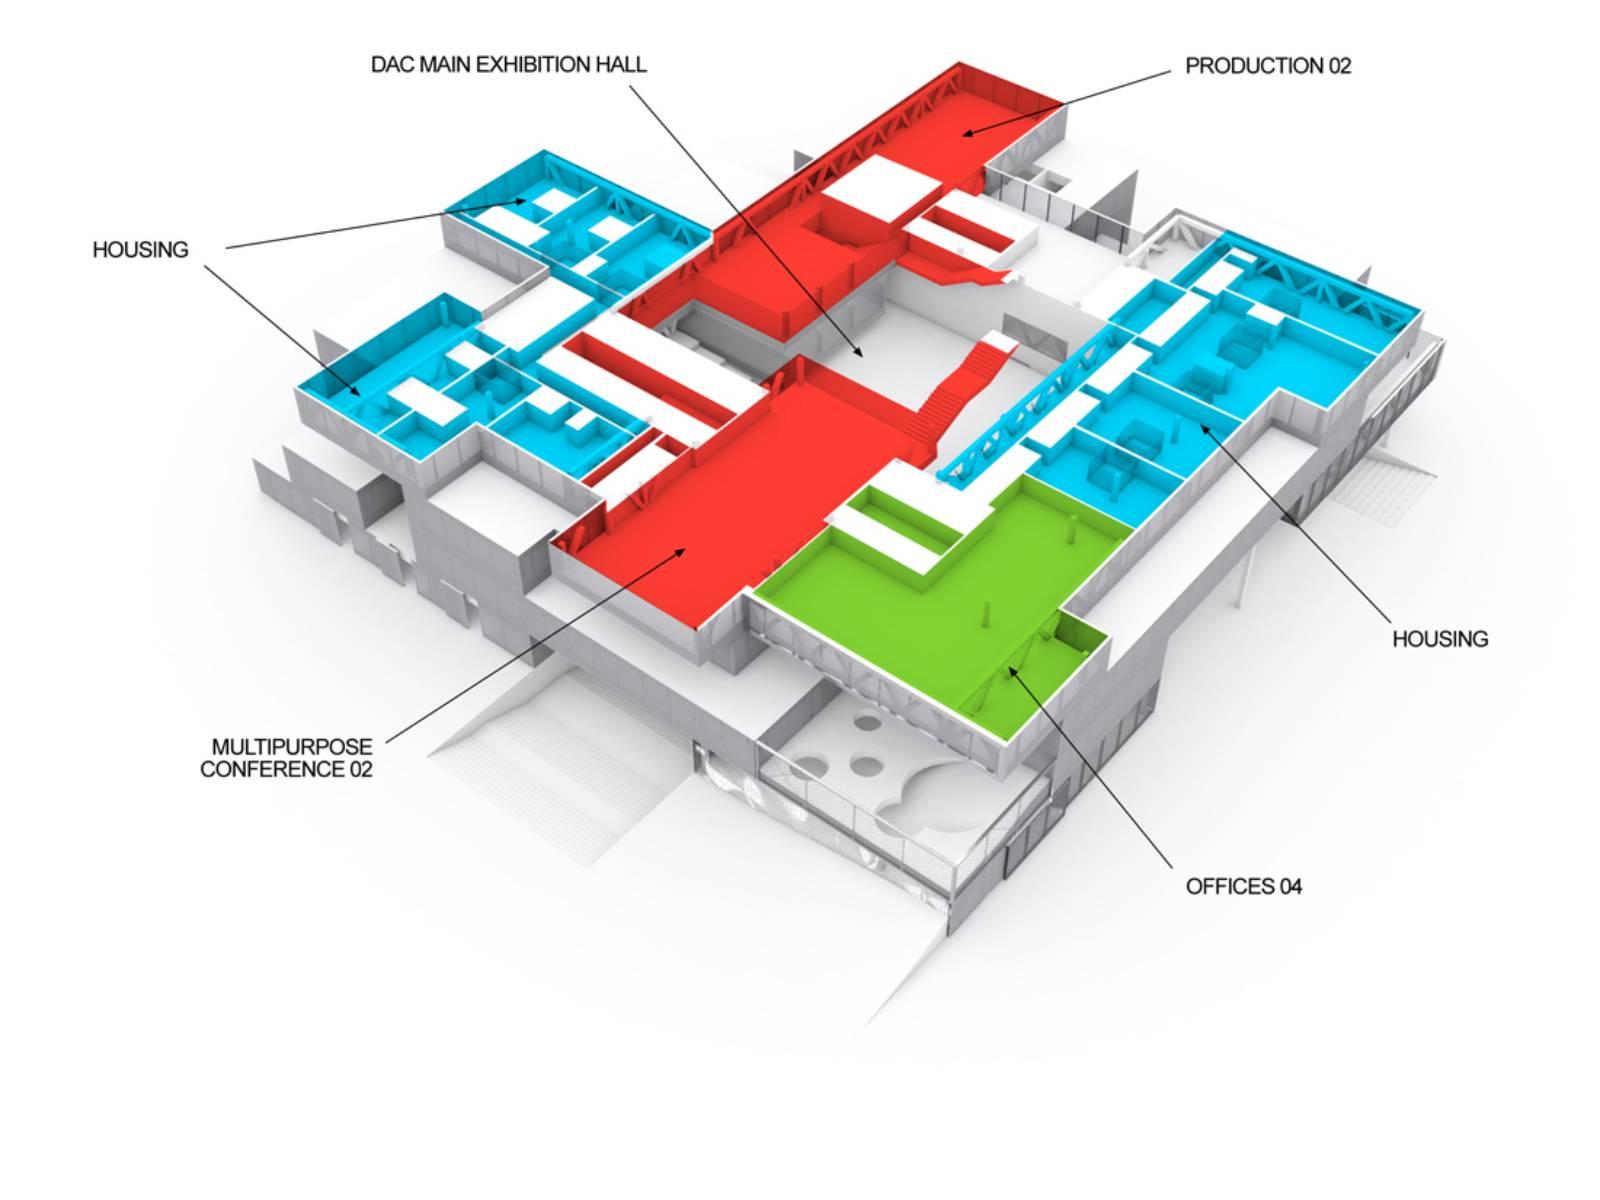 Construction begins of bryghusprojektet by oma bryghusprojektet by oma 13 pooptronica Choice Image